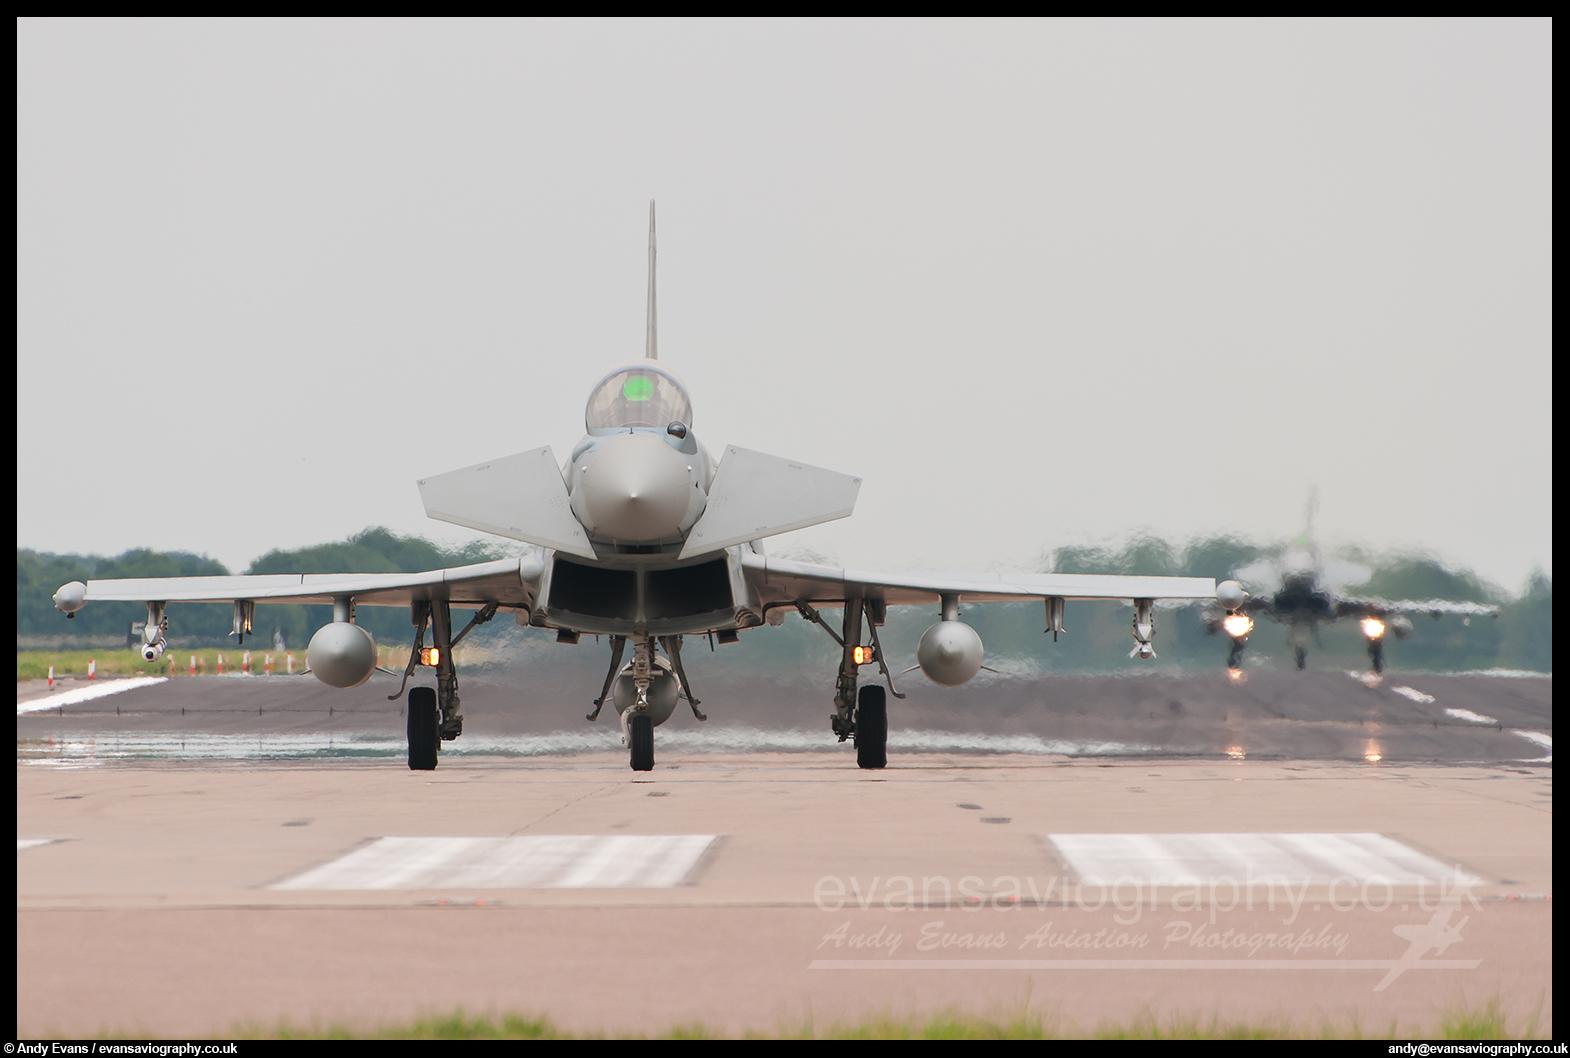 الموسوعه الفوغترافيه لصور القوات الجويه الملكيه السعوديه ( rsaf ) - صفحة 4 9676246742_6e5b6f61dd_o